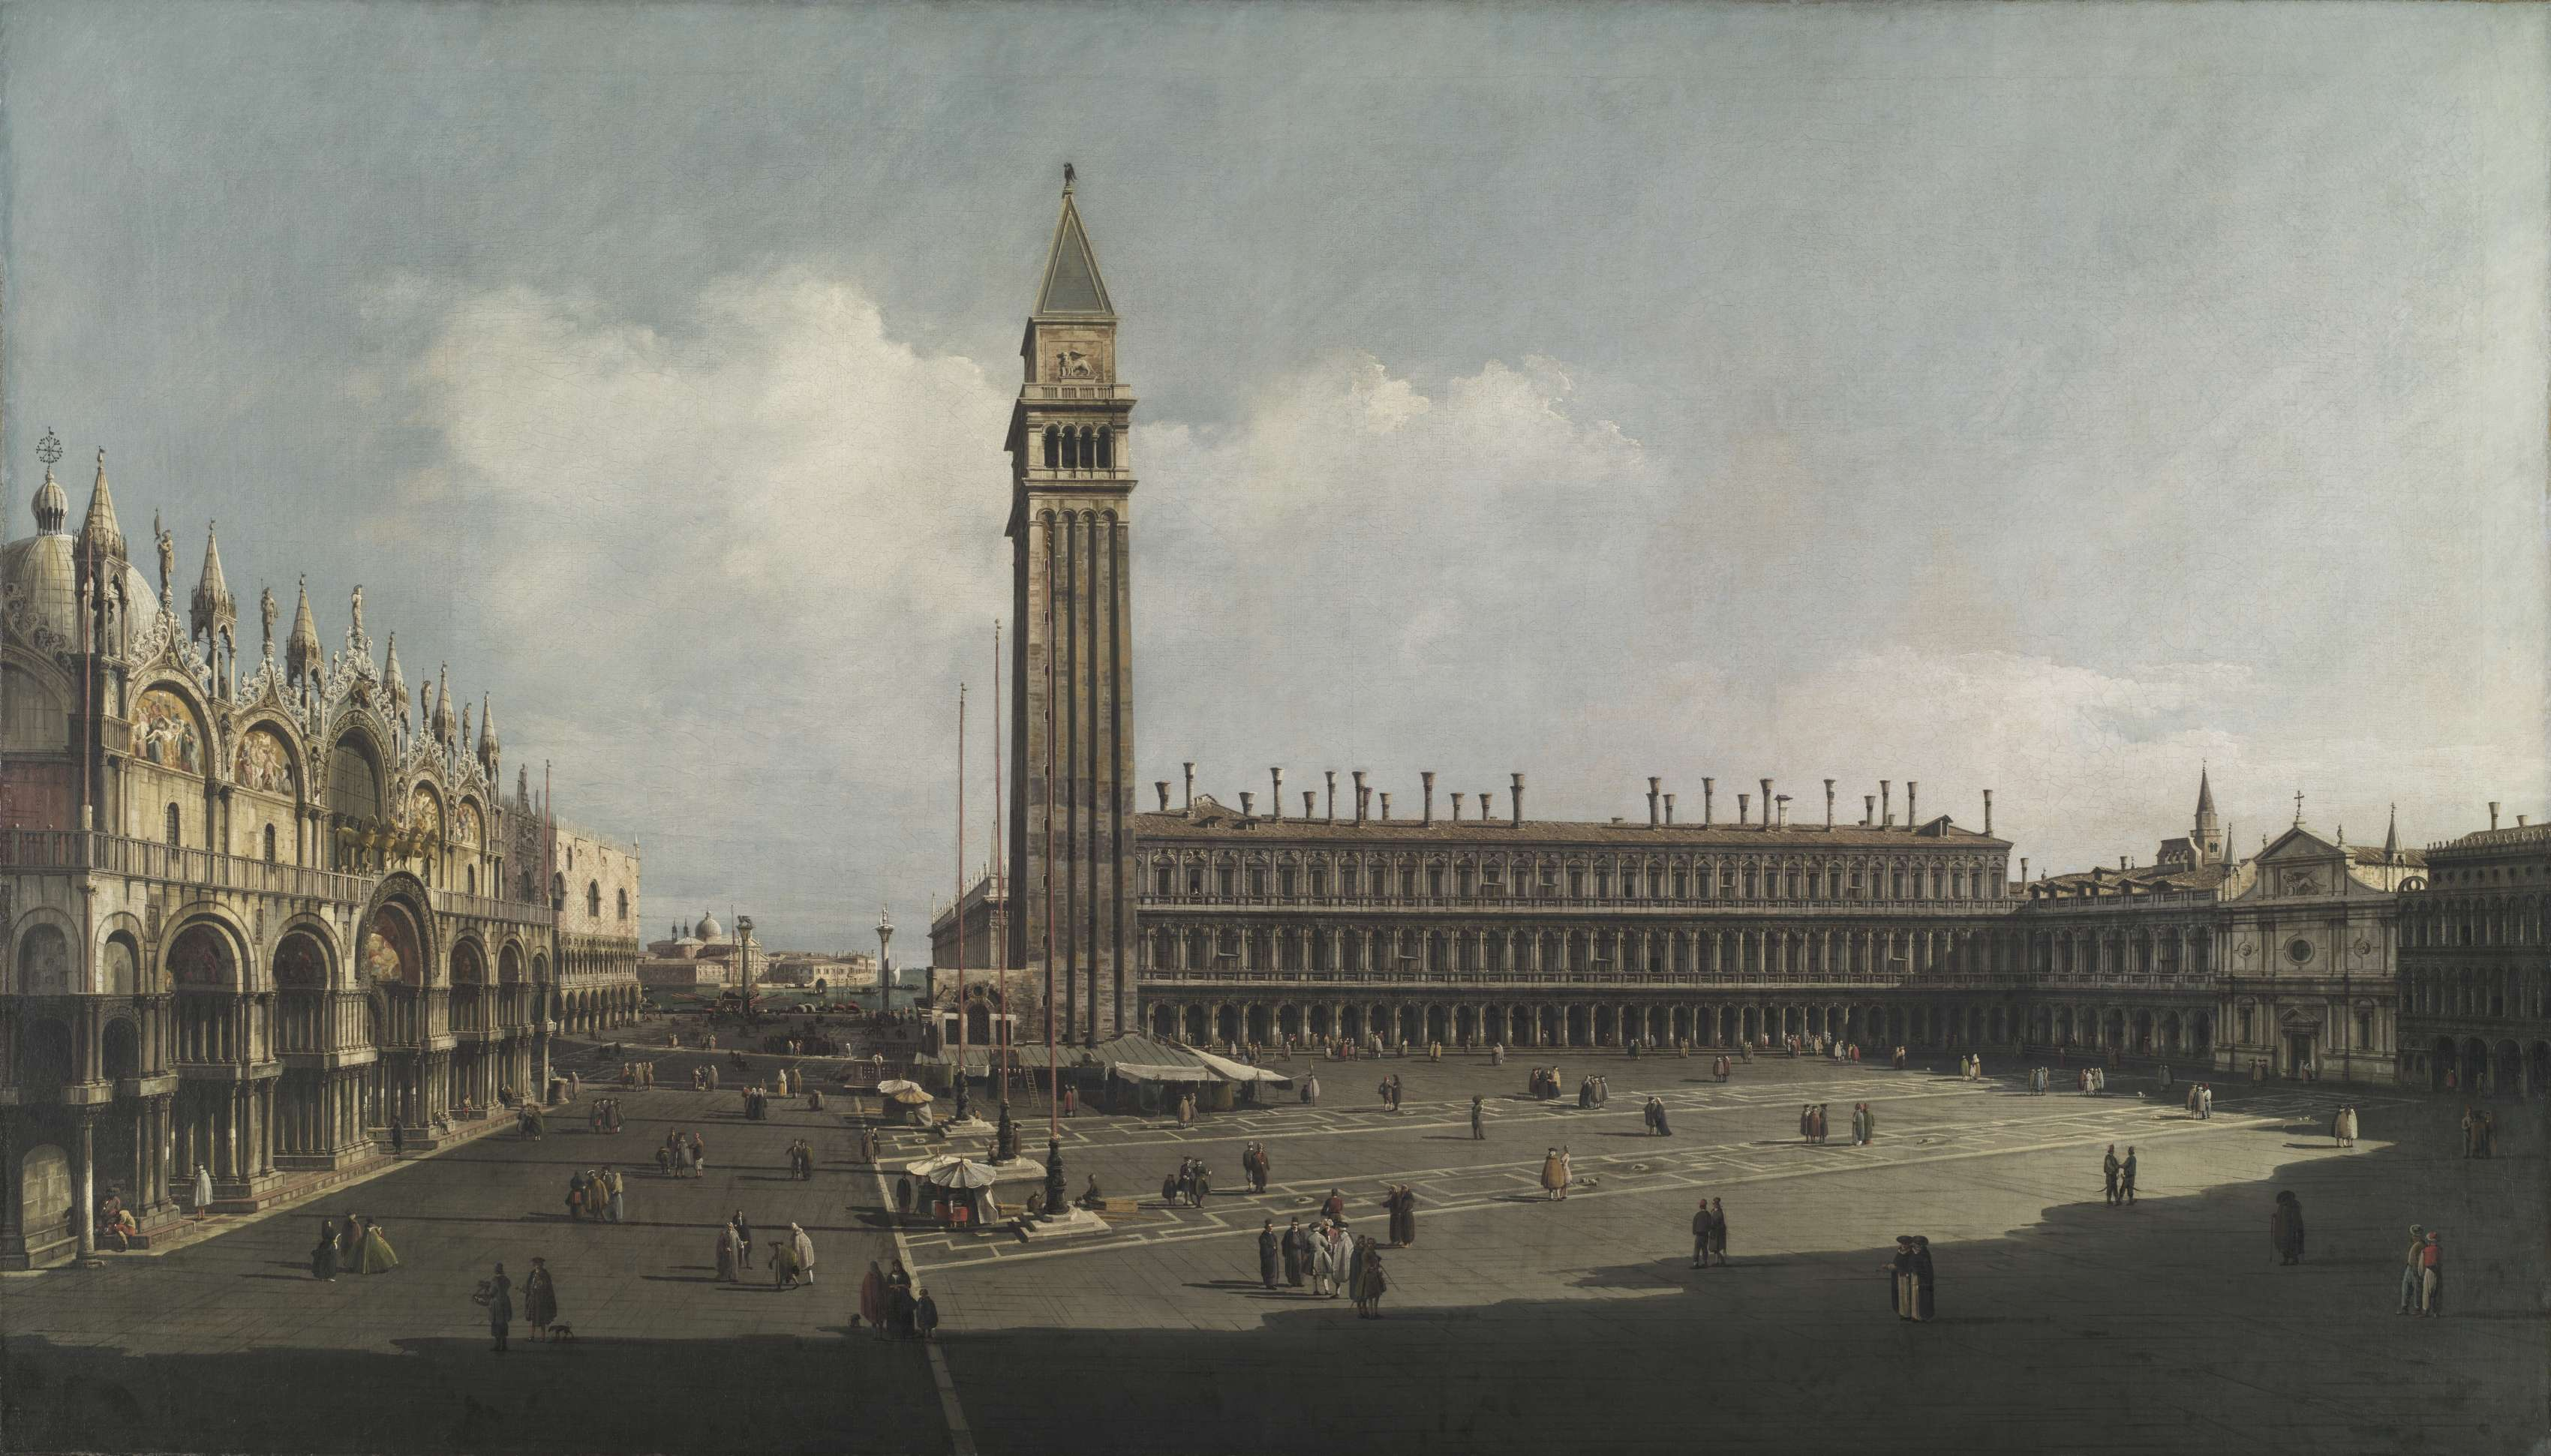 Η πλατεία του Αγίου Μάρκου. 18ος αιώνας. Piazza San Marco, Venice. c. 1740.Bernardo Bellotto (Italian, 1721-1780).